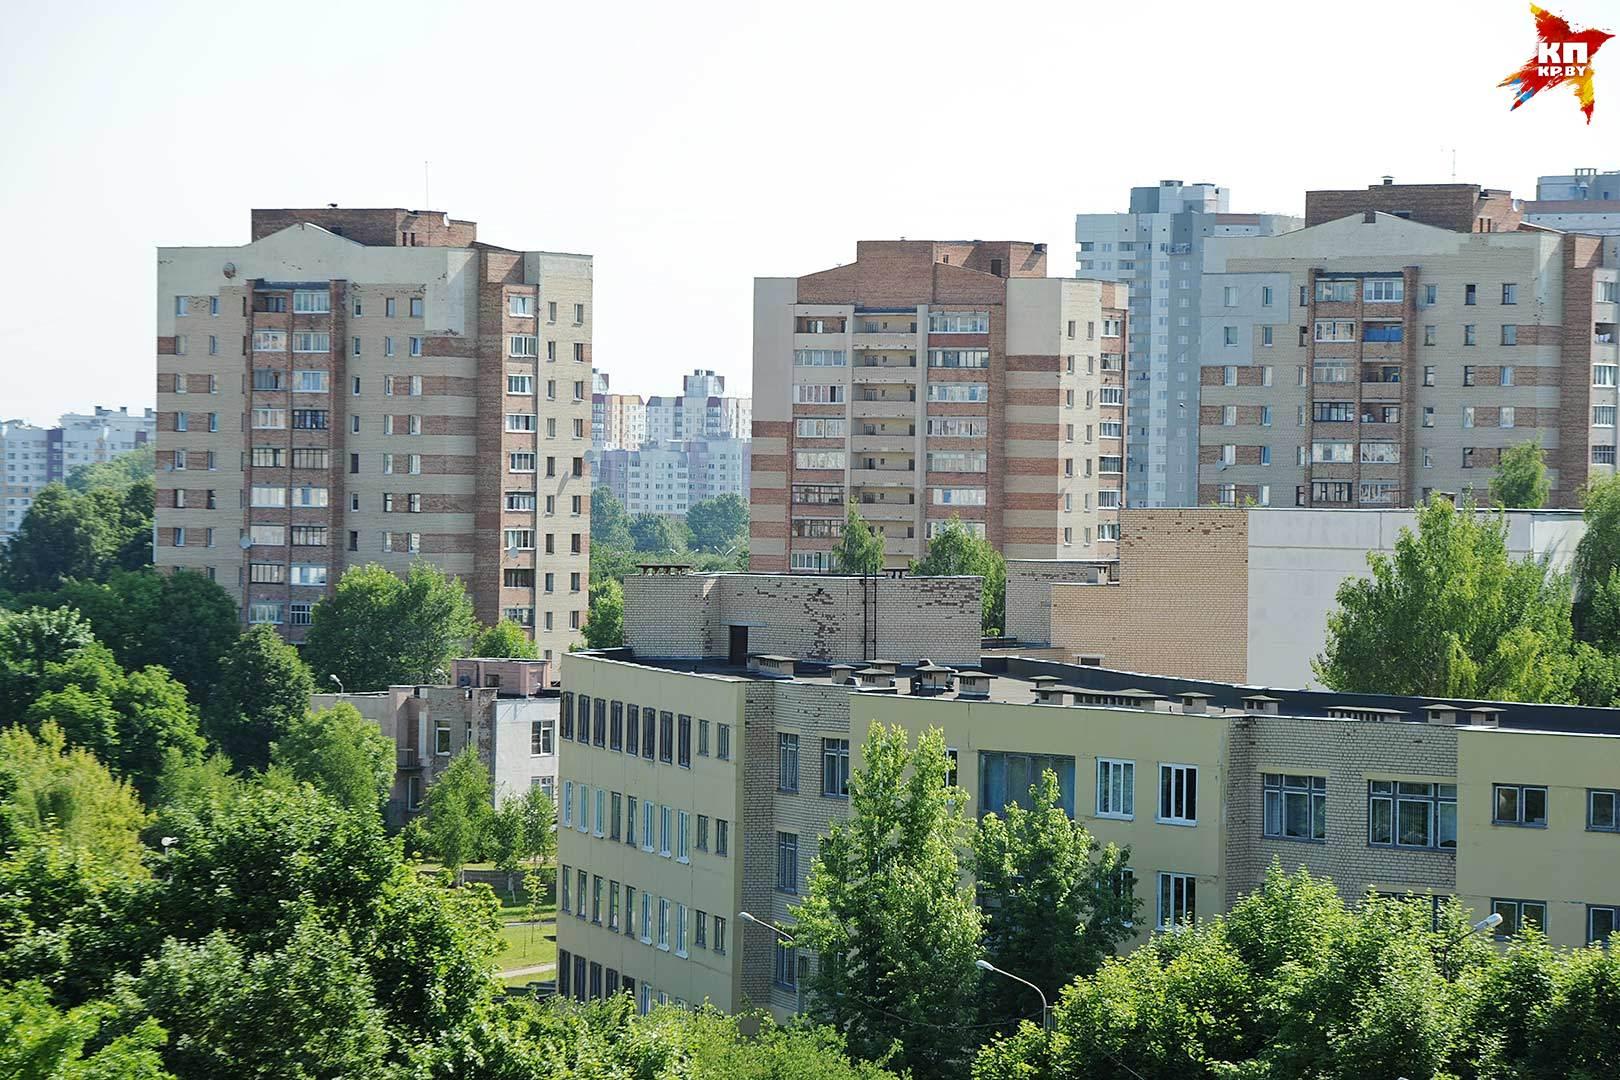 В соответствии со статьей 236 Гражданского кодекса РБ, принудительное изъятие у собственника имущества не допускается.